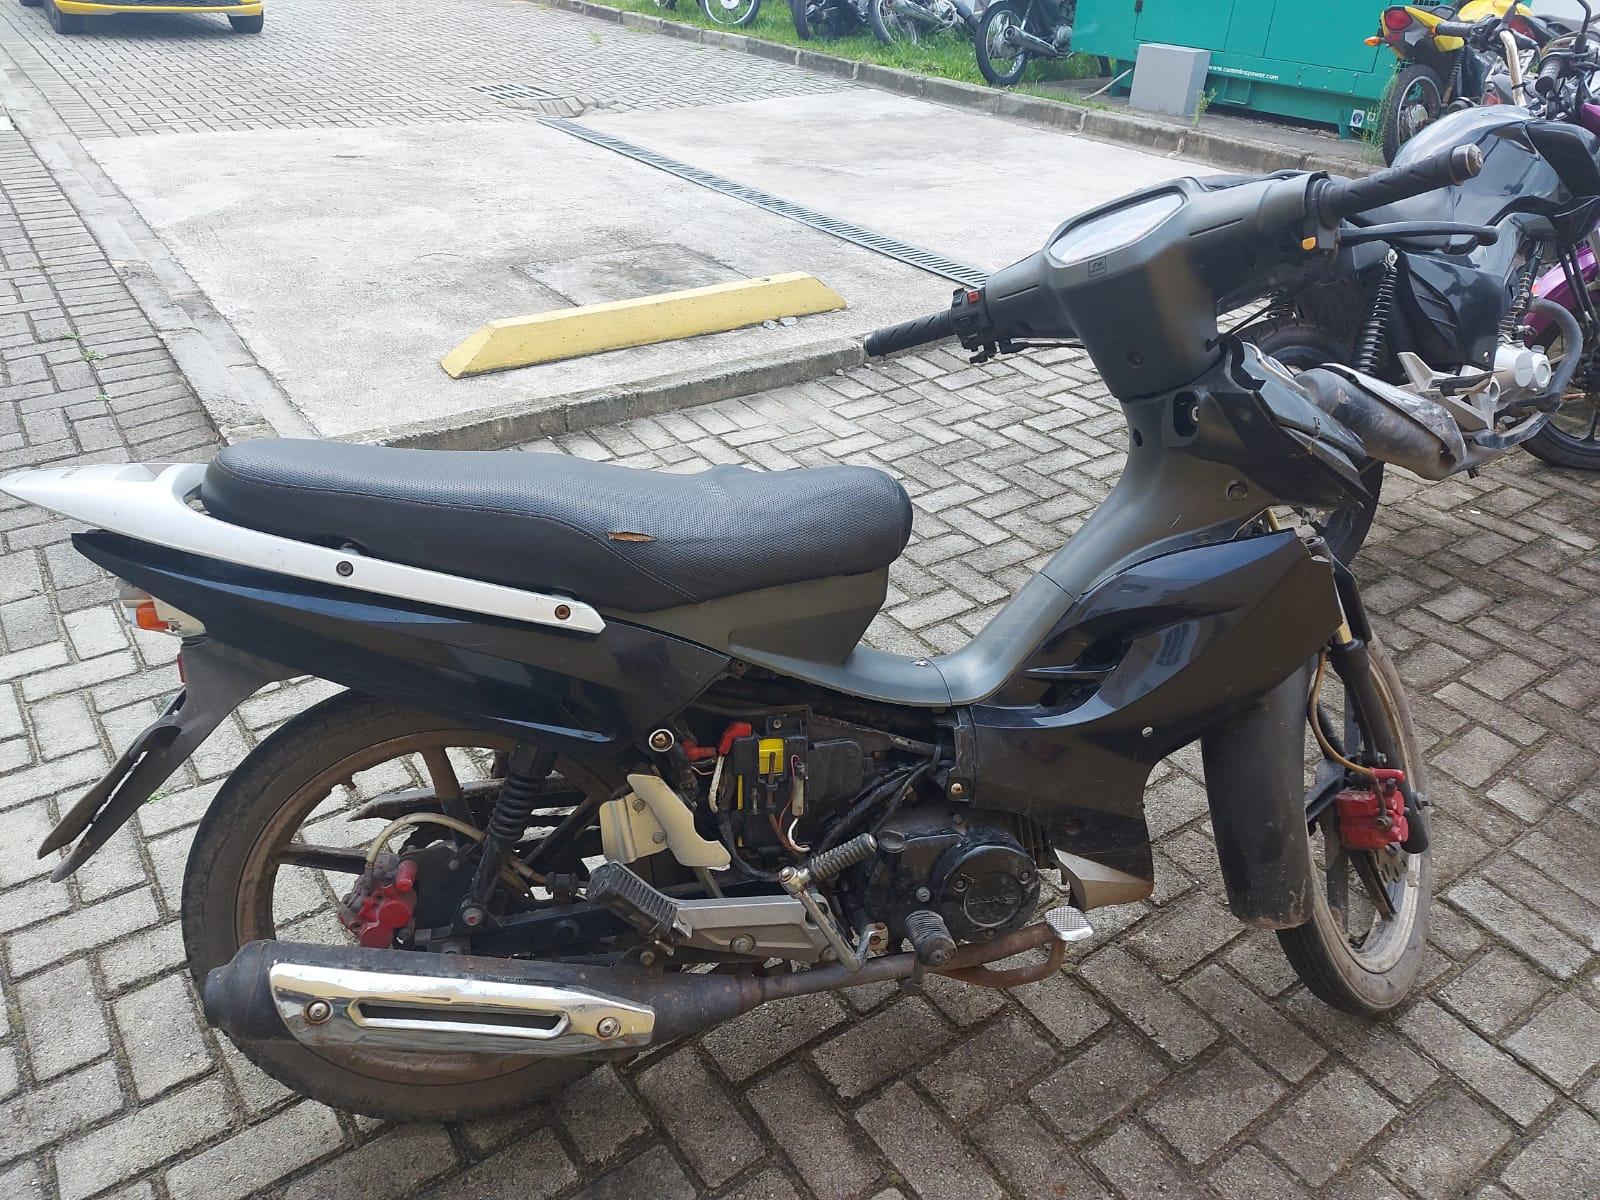 Motocicleta com alerta de furto e recuperada pela ROMU na Ilha dos Valadares